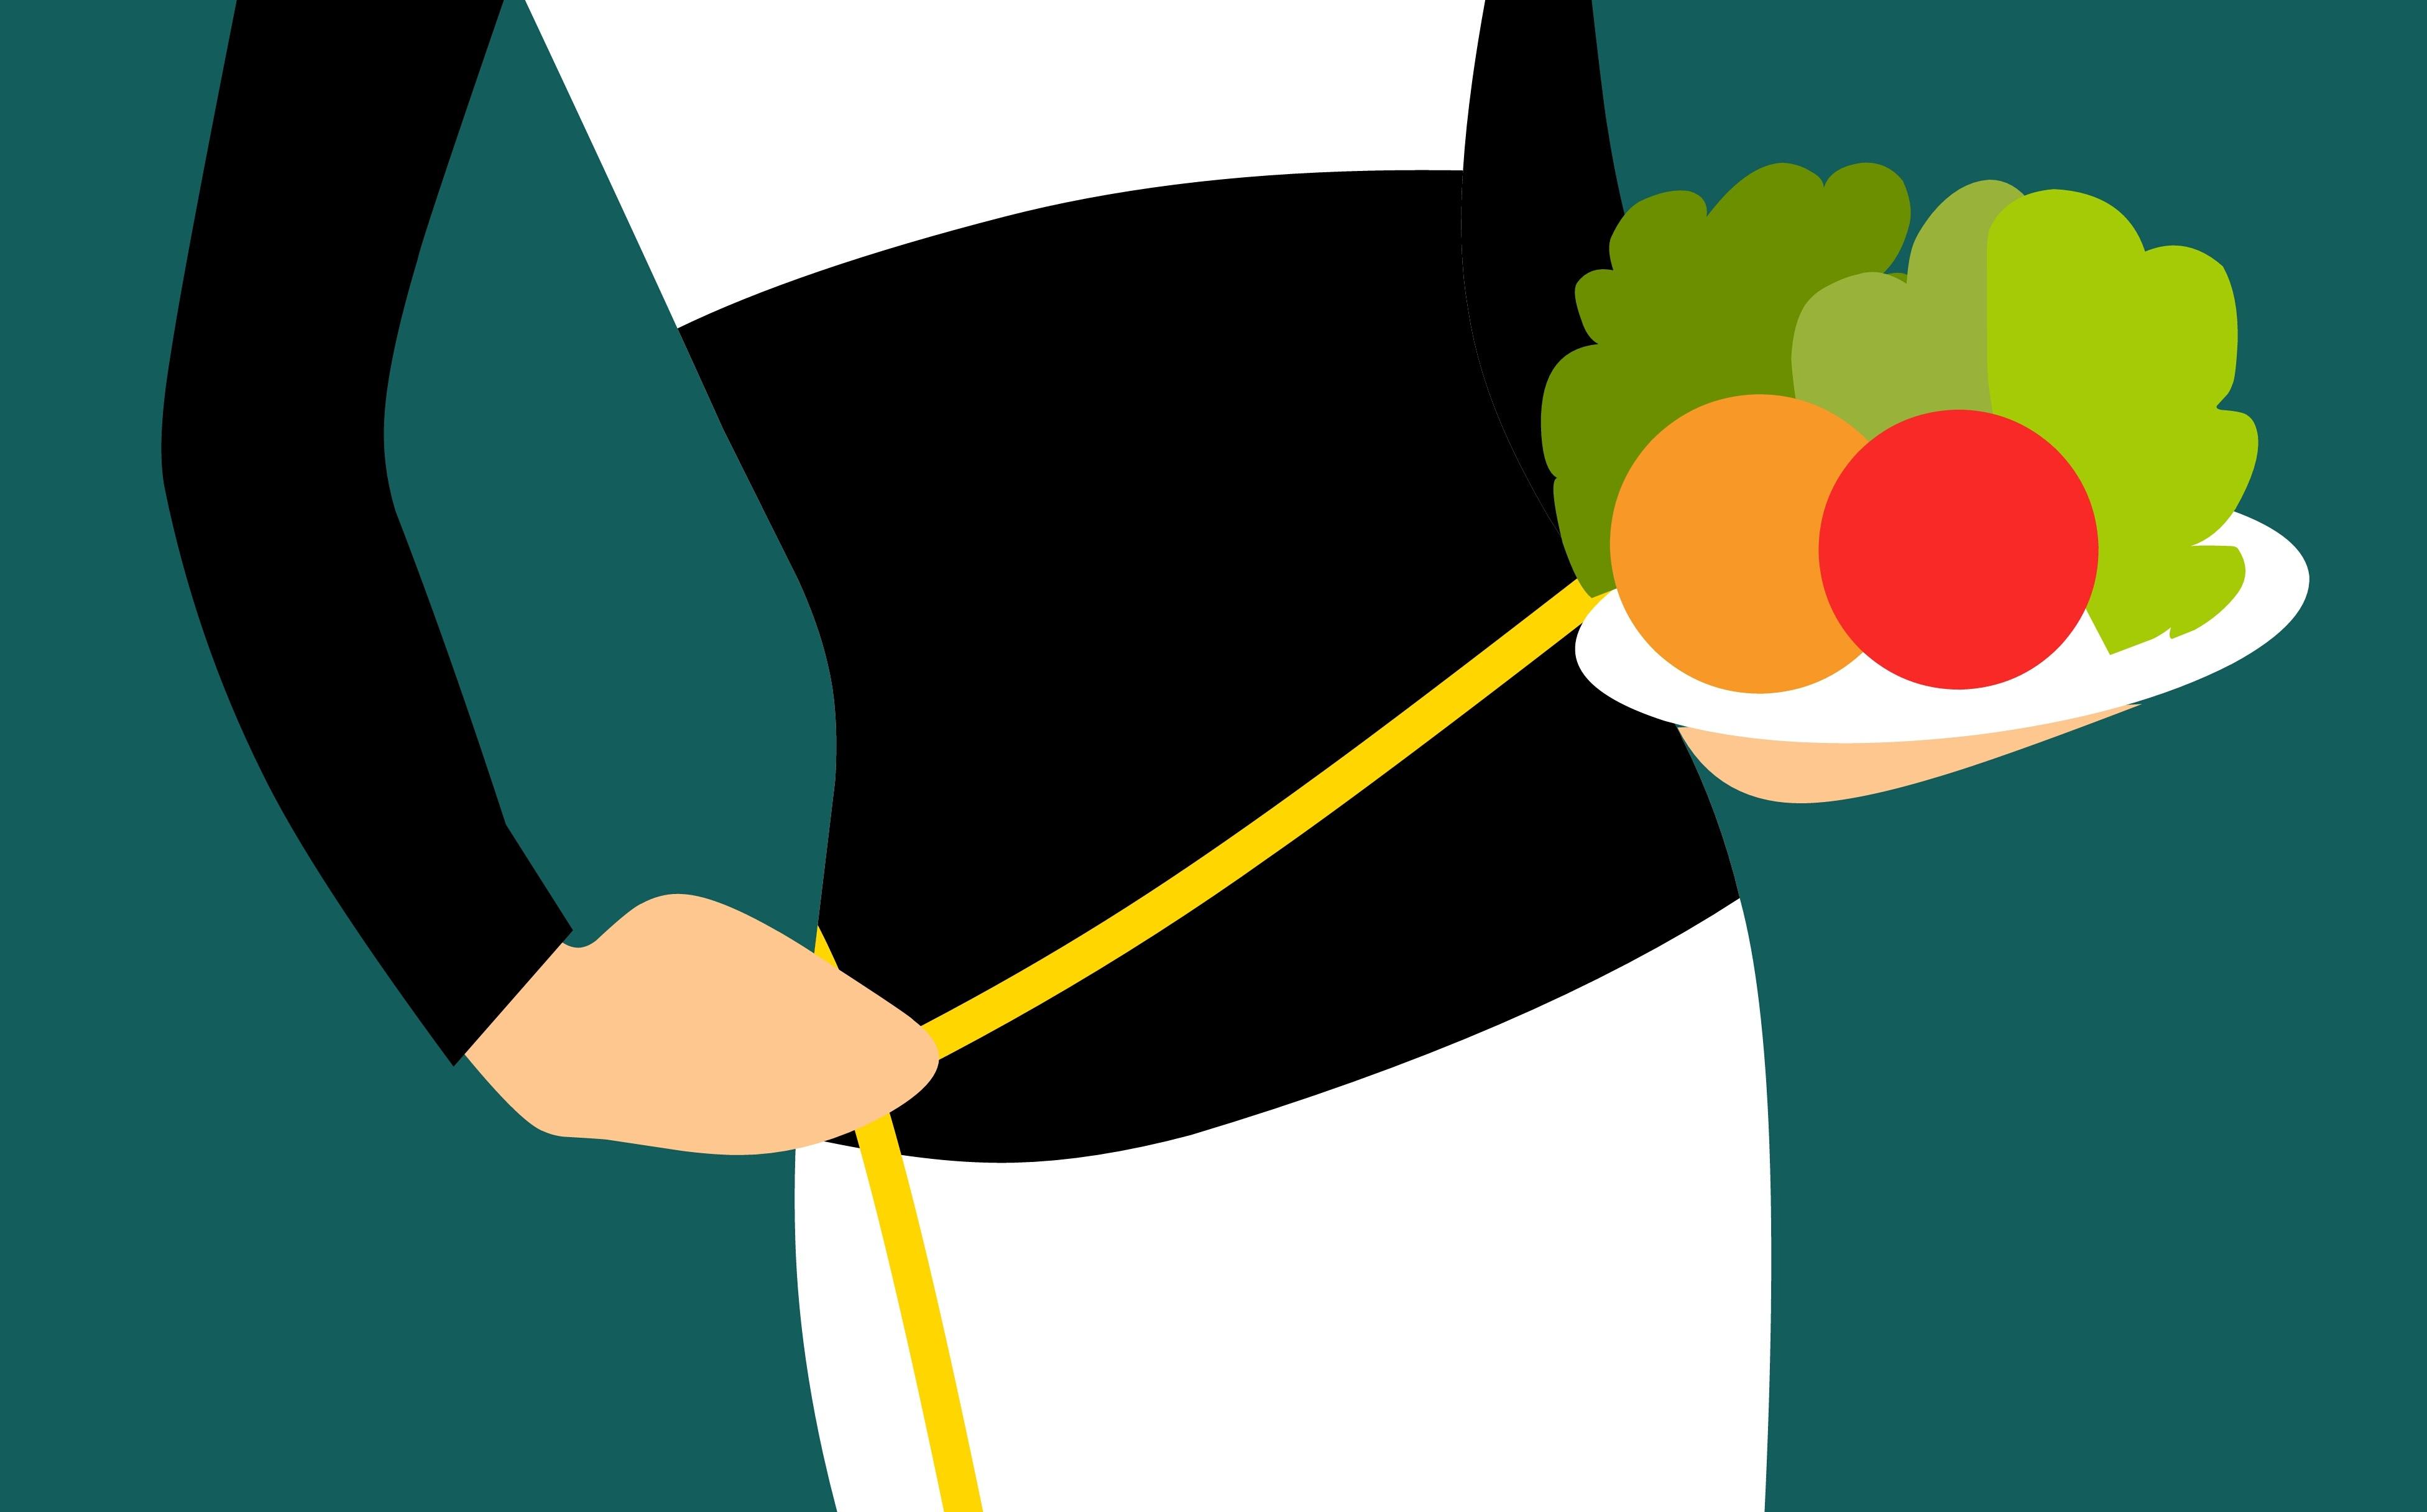 Gesundes Gemüse auf einem Teller - Abnehmen